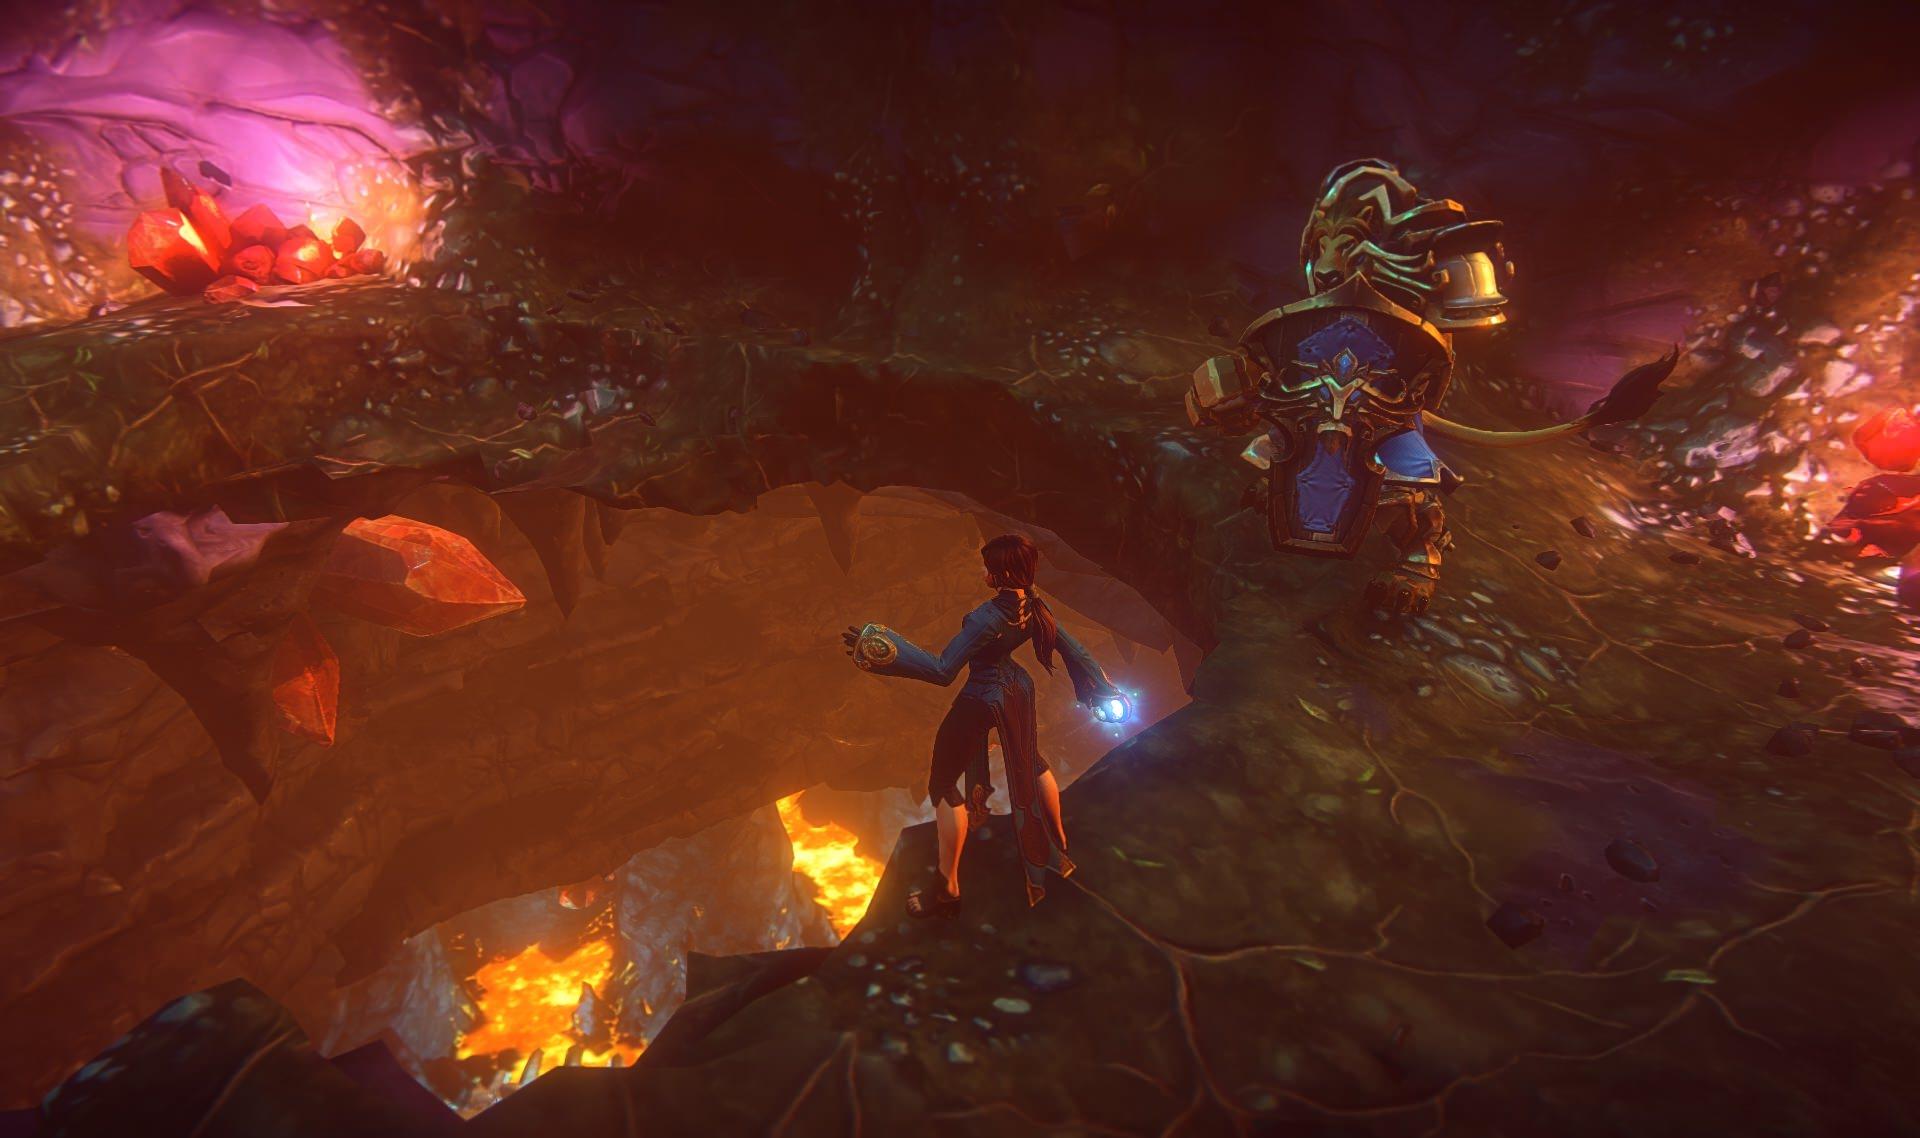 human_wizard_and_kerran_warrior_break_through_cave